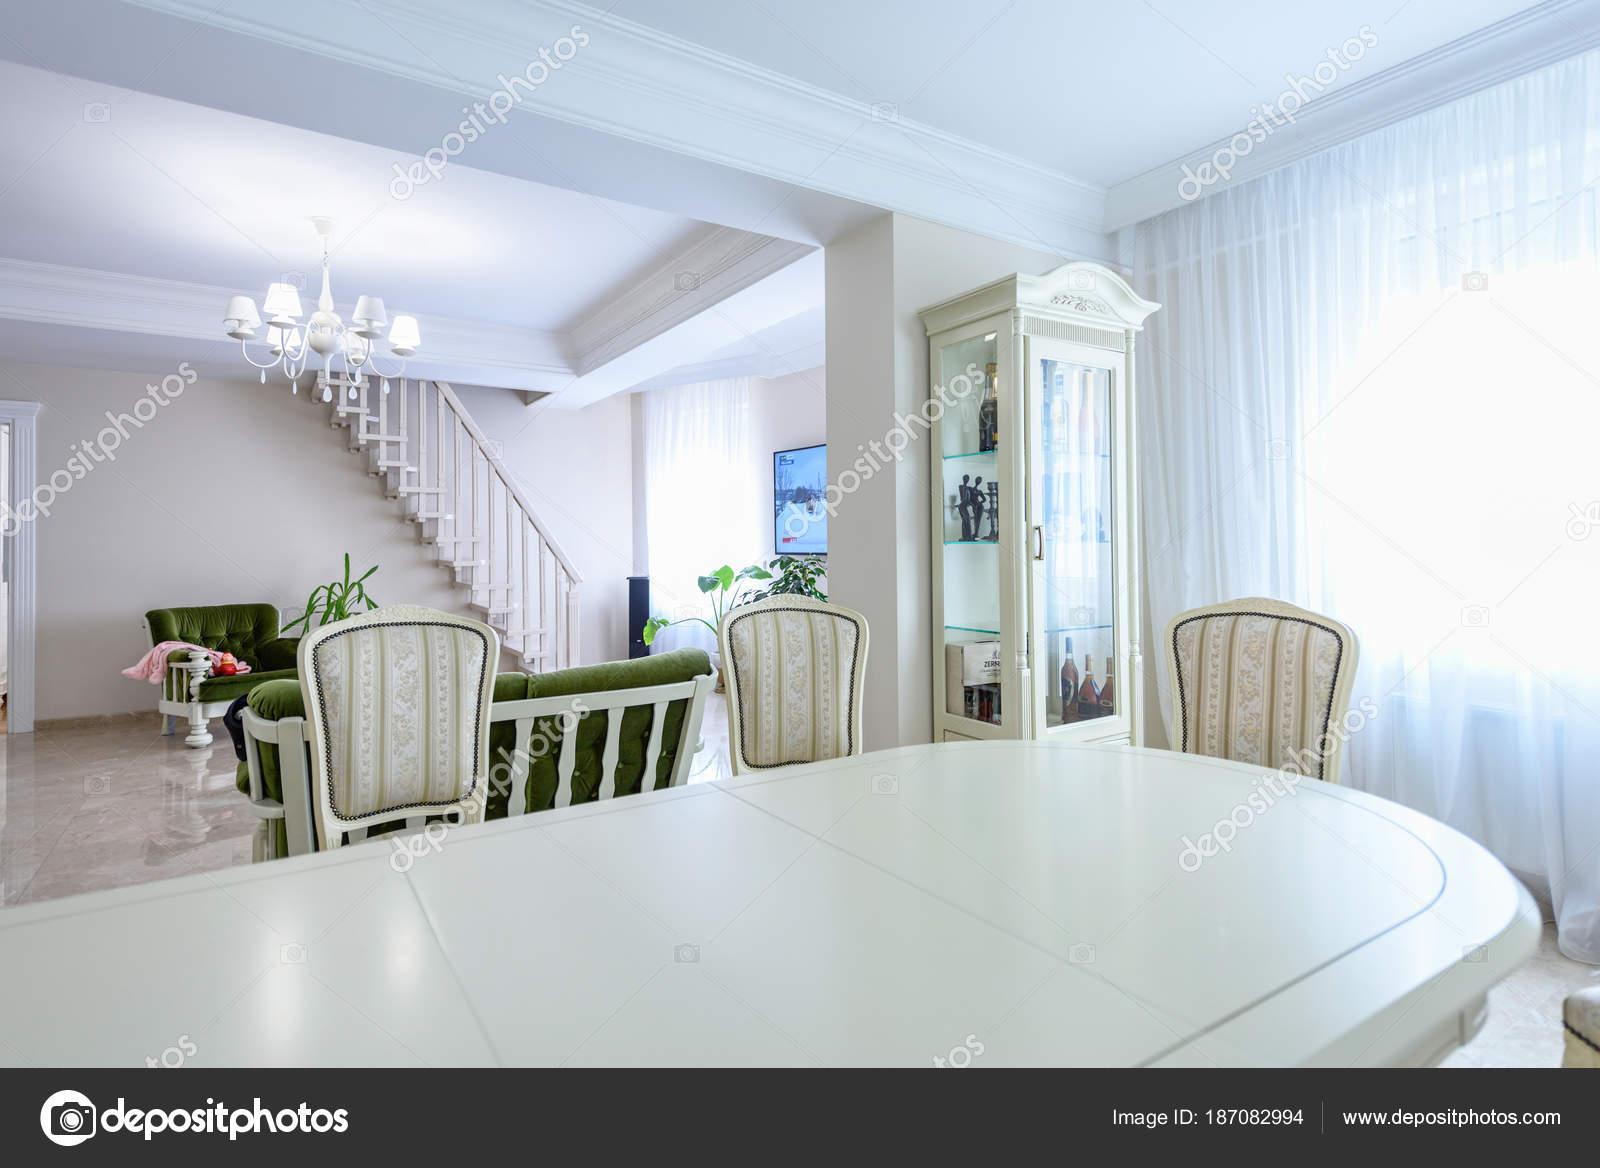 Eetkamer interieur witte kleuren. Groothoek ruime hedendaagse ...